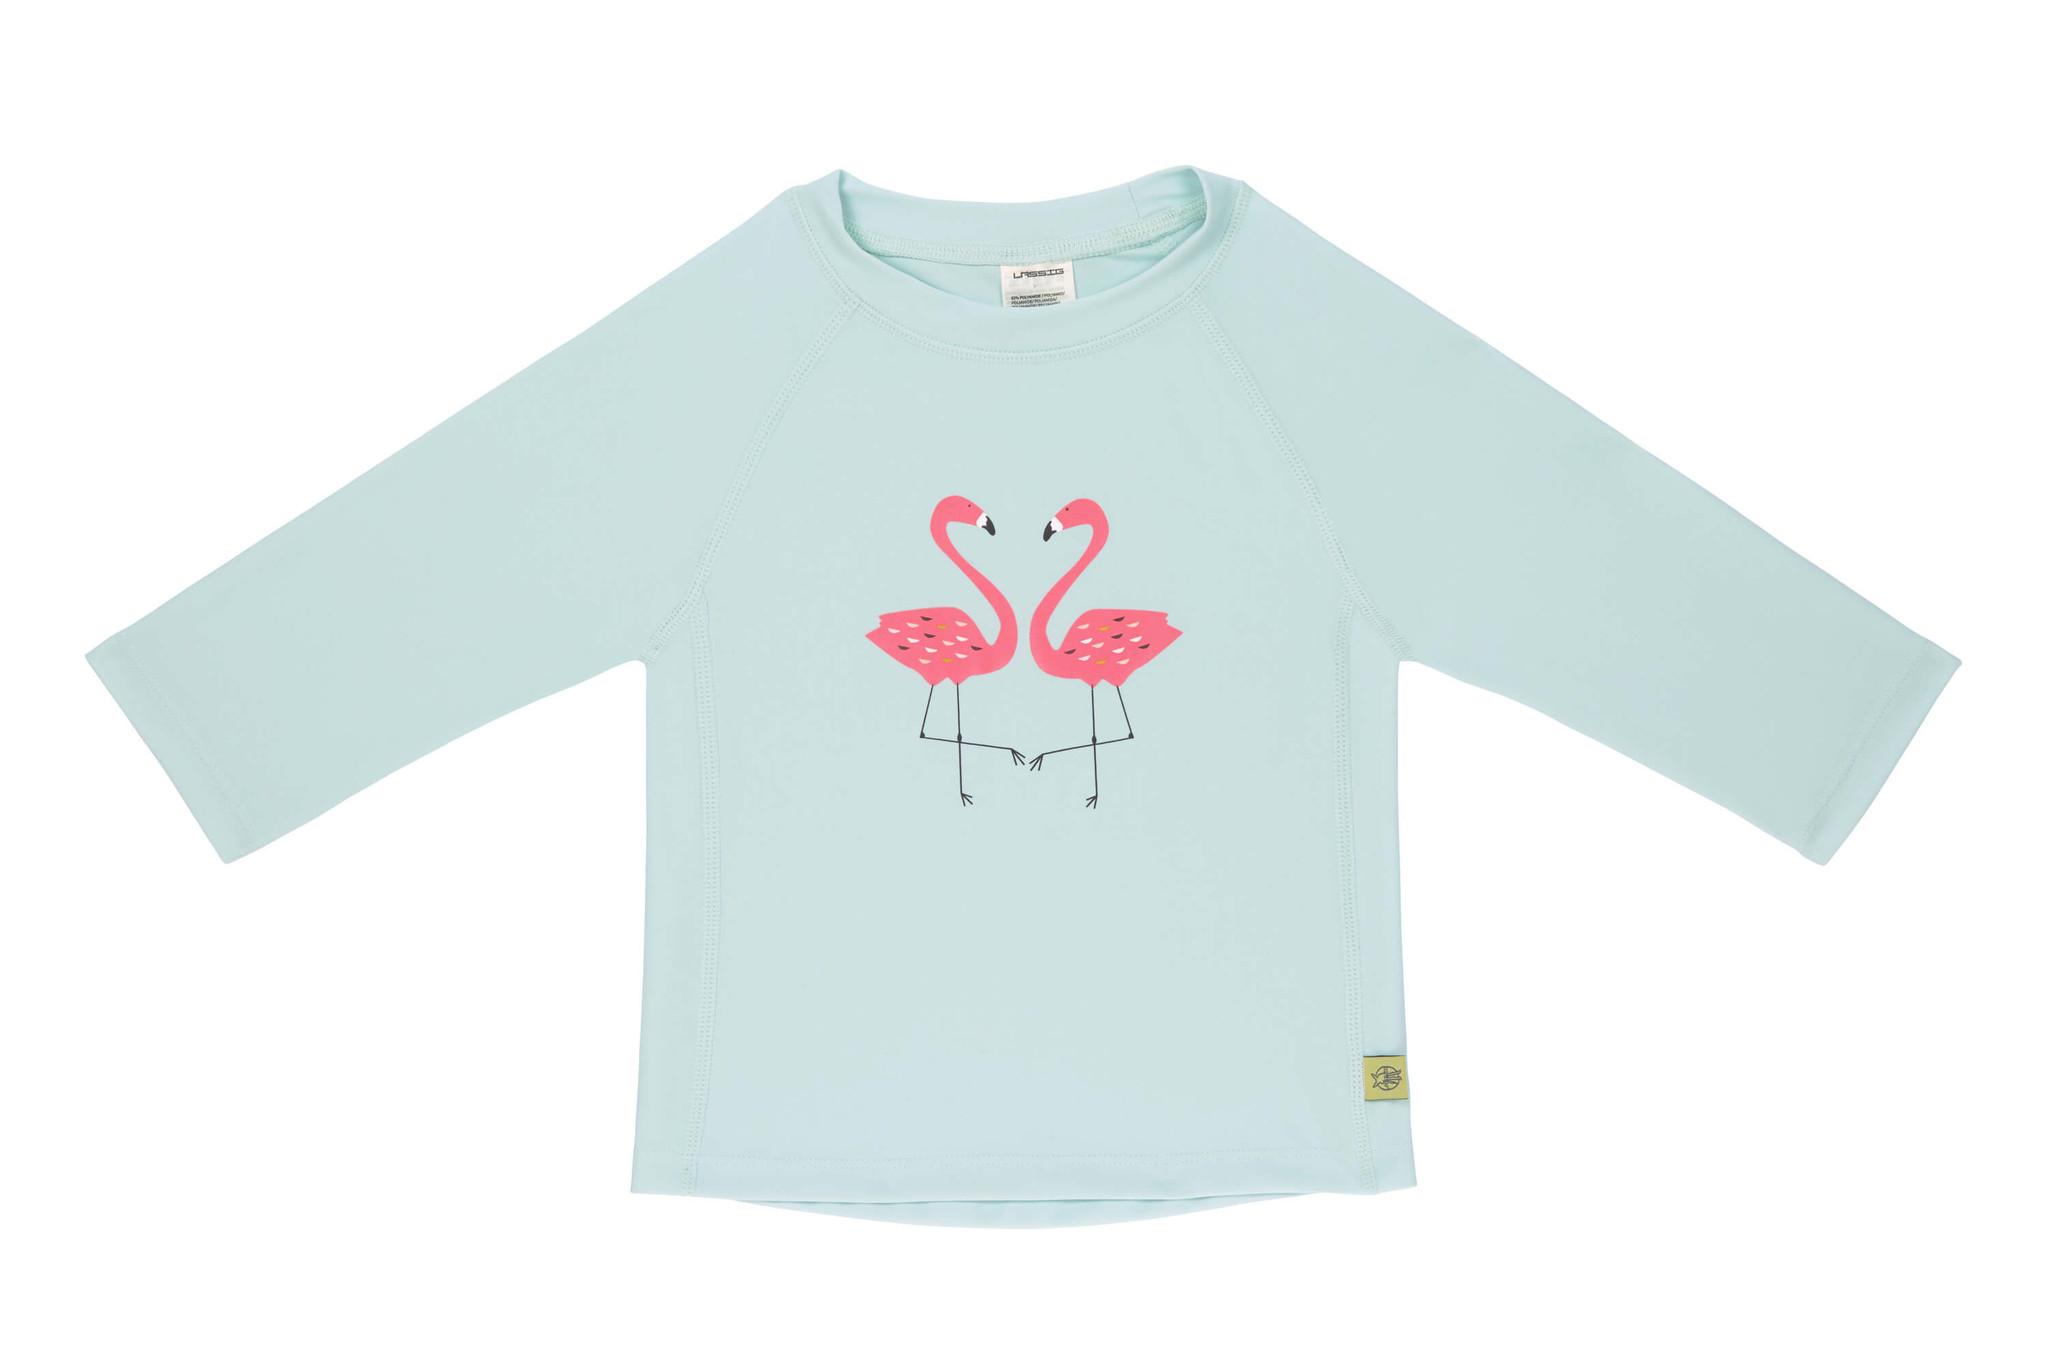 Lässig Lässig Splash & Fun Lange mouw Rashguard / zwemshirt - flamingo 24 maanden